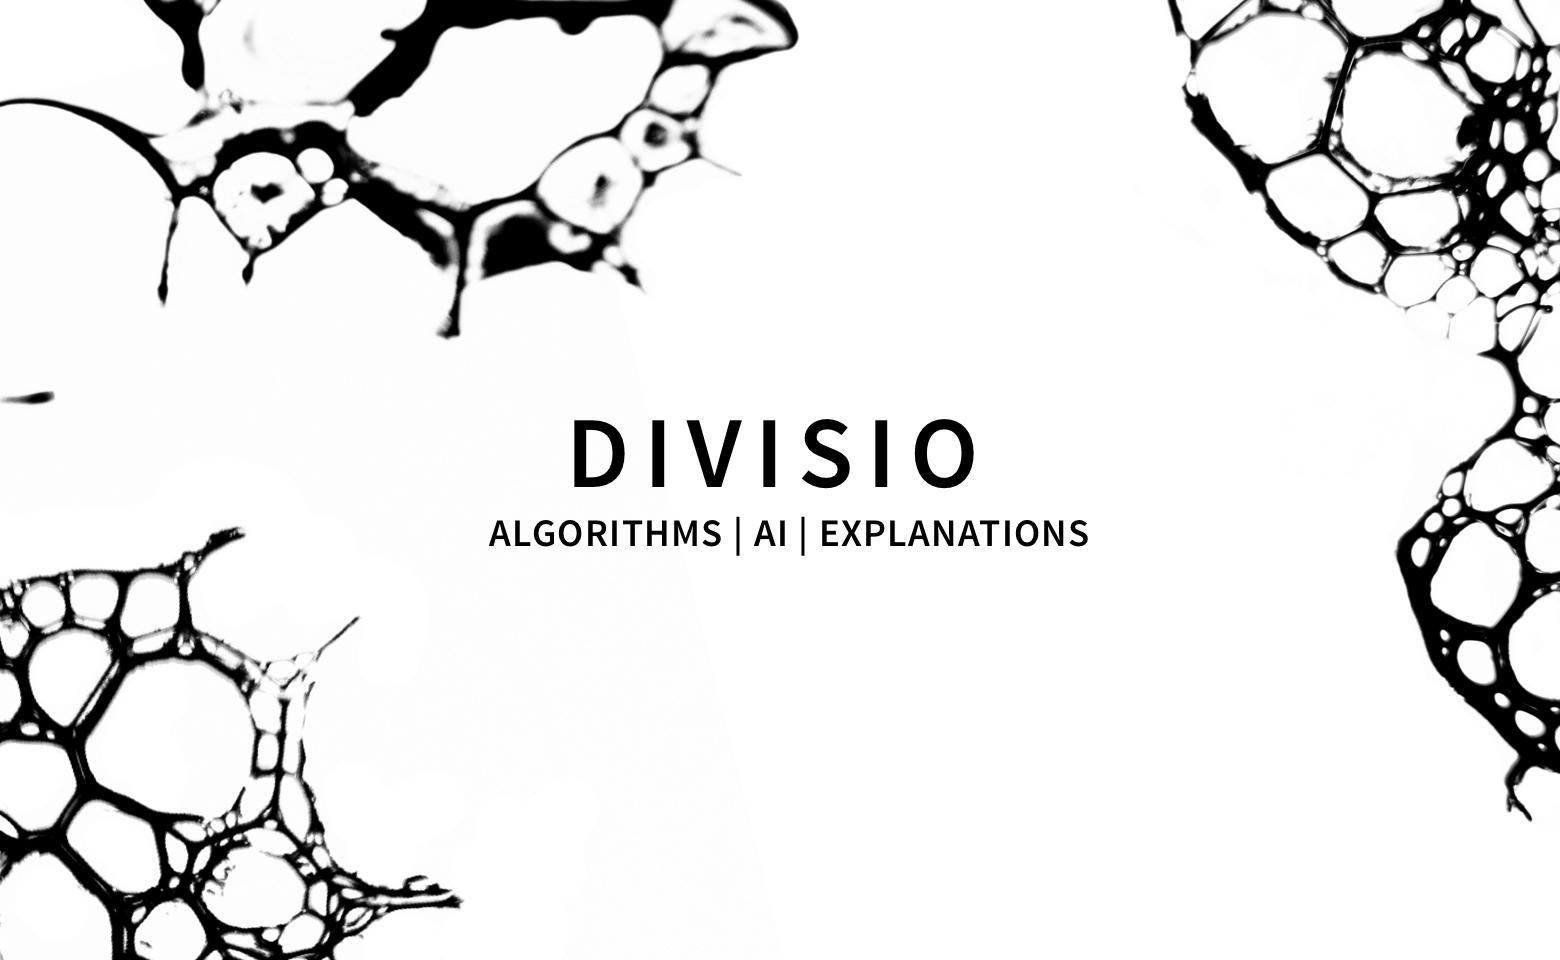 Branding durch Logotype und adaptive Bildwelt -Gestaltung zum Thema KI und Deep Learning. Momos ist eine Agentur für Branding und Web-Design aus Köln.